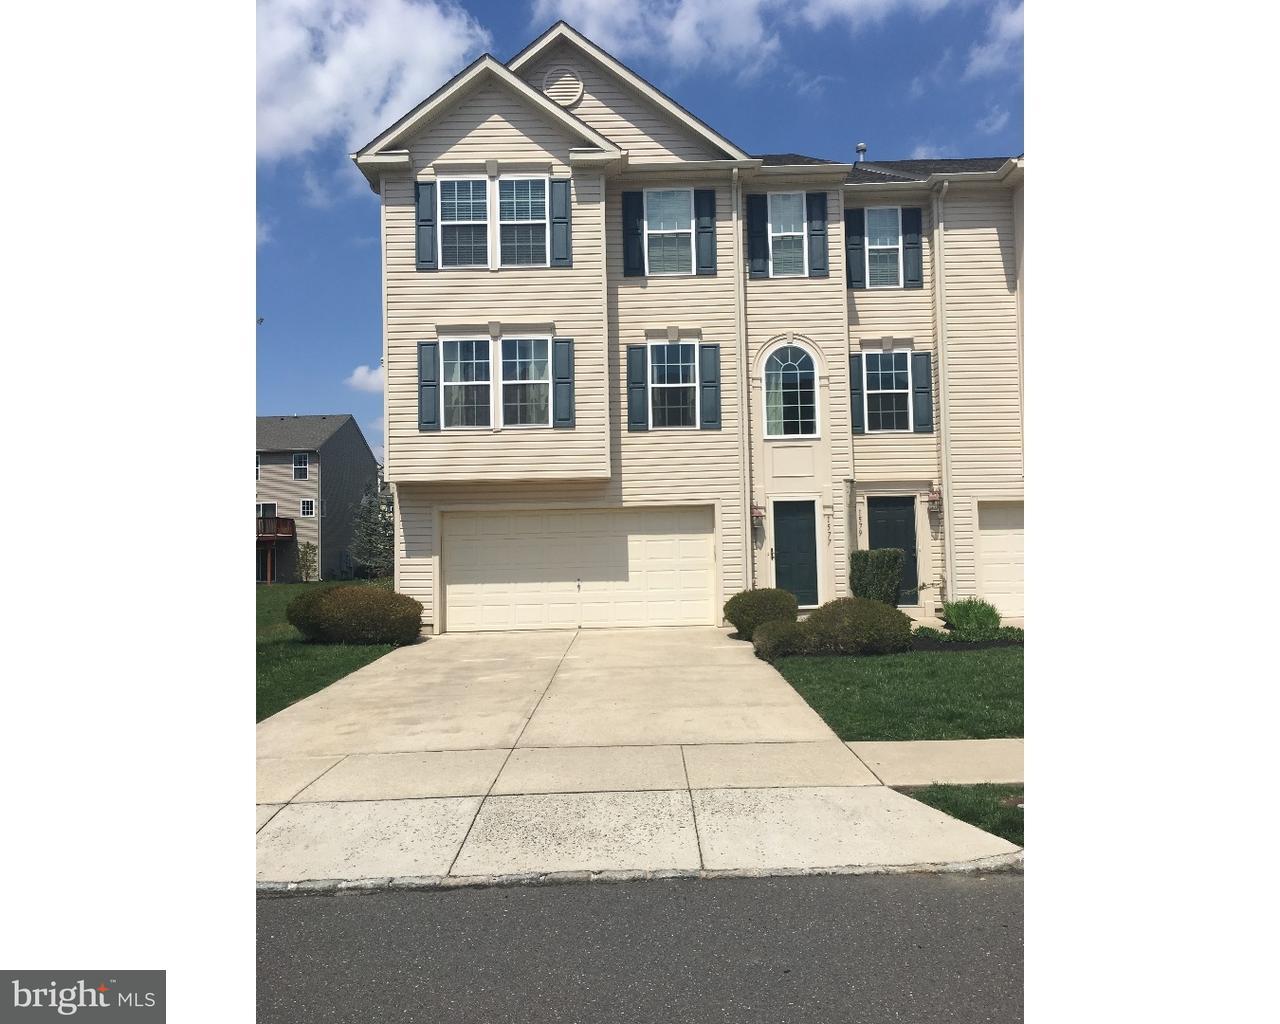 Nhà ở một gia đình vì Bán tại 1577 JASON Drive Cinnaminson Township, New Jersey 08077 Hoa Kỳ